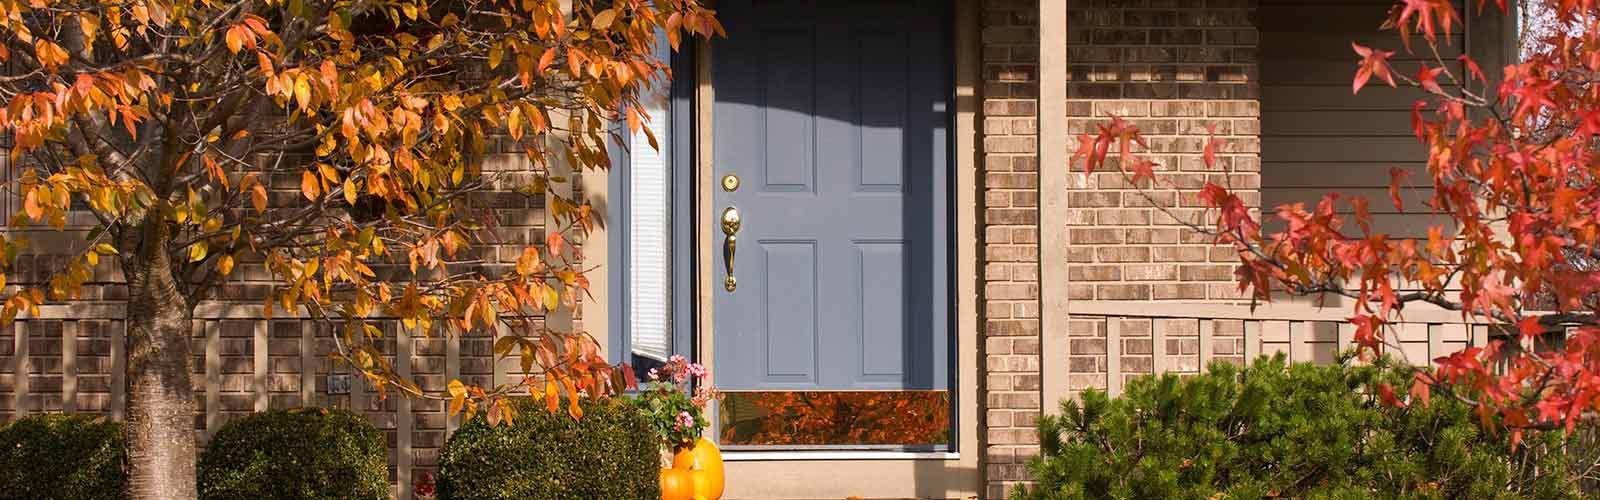 SUBMIT: Front Door - Fall.jpg